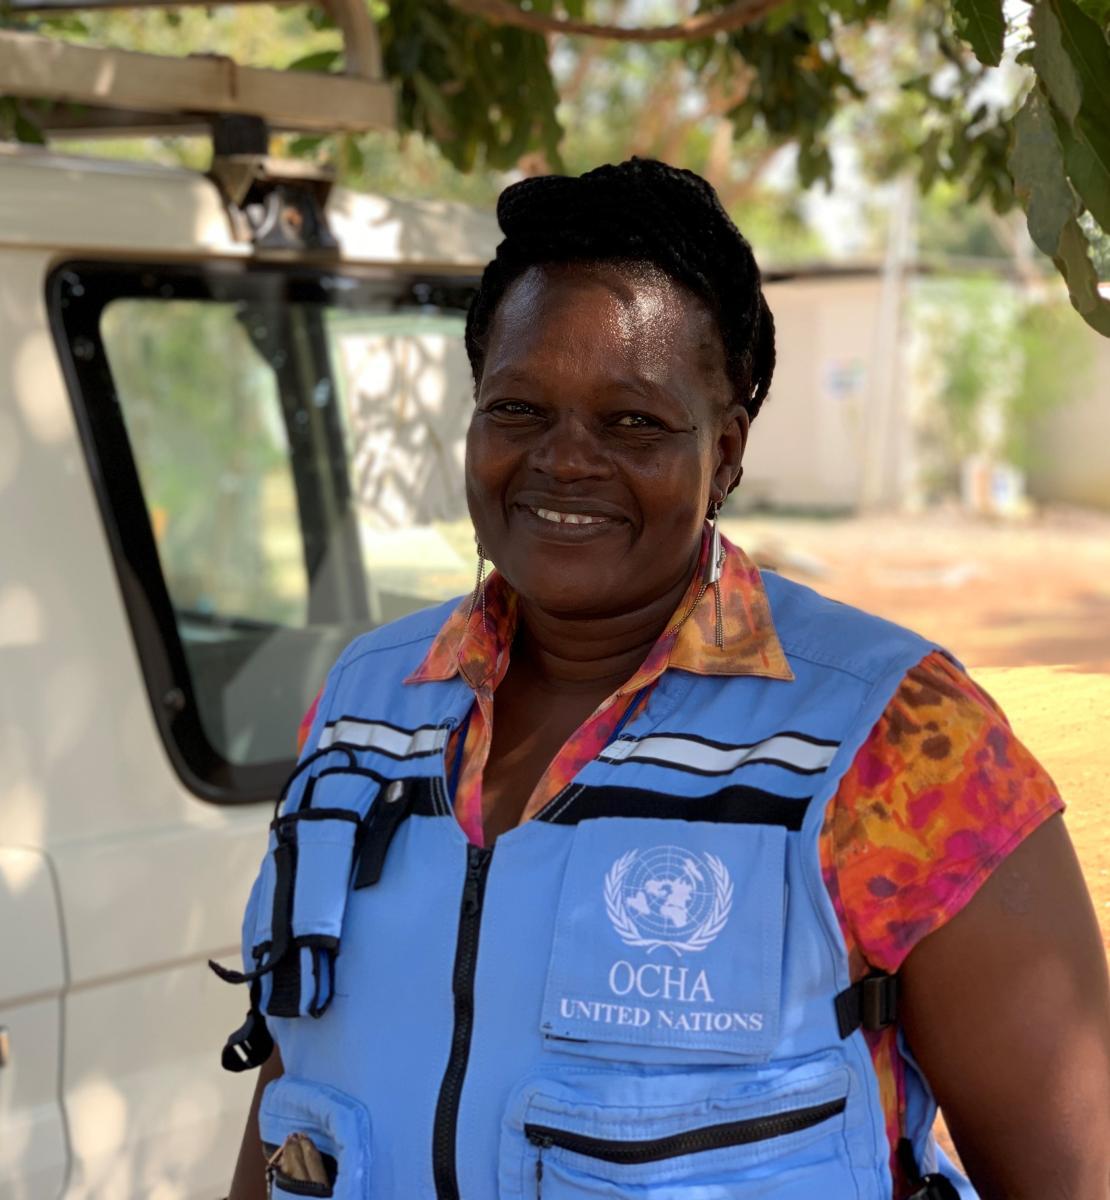 一名身穿蓝色联合国夹克的妇女对着镜头微笑。